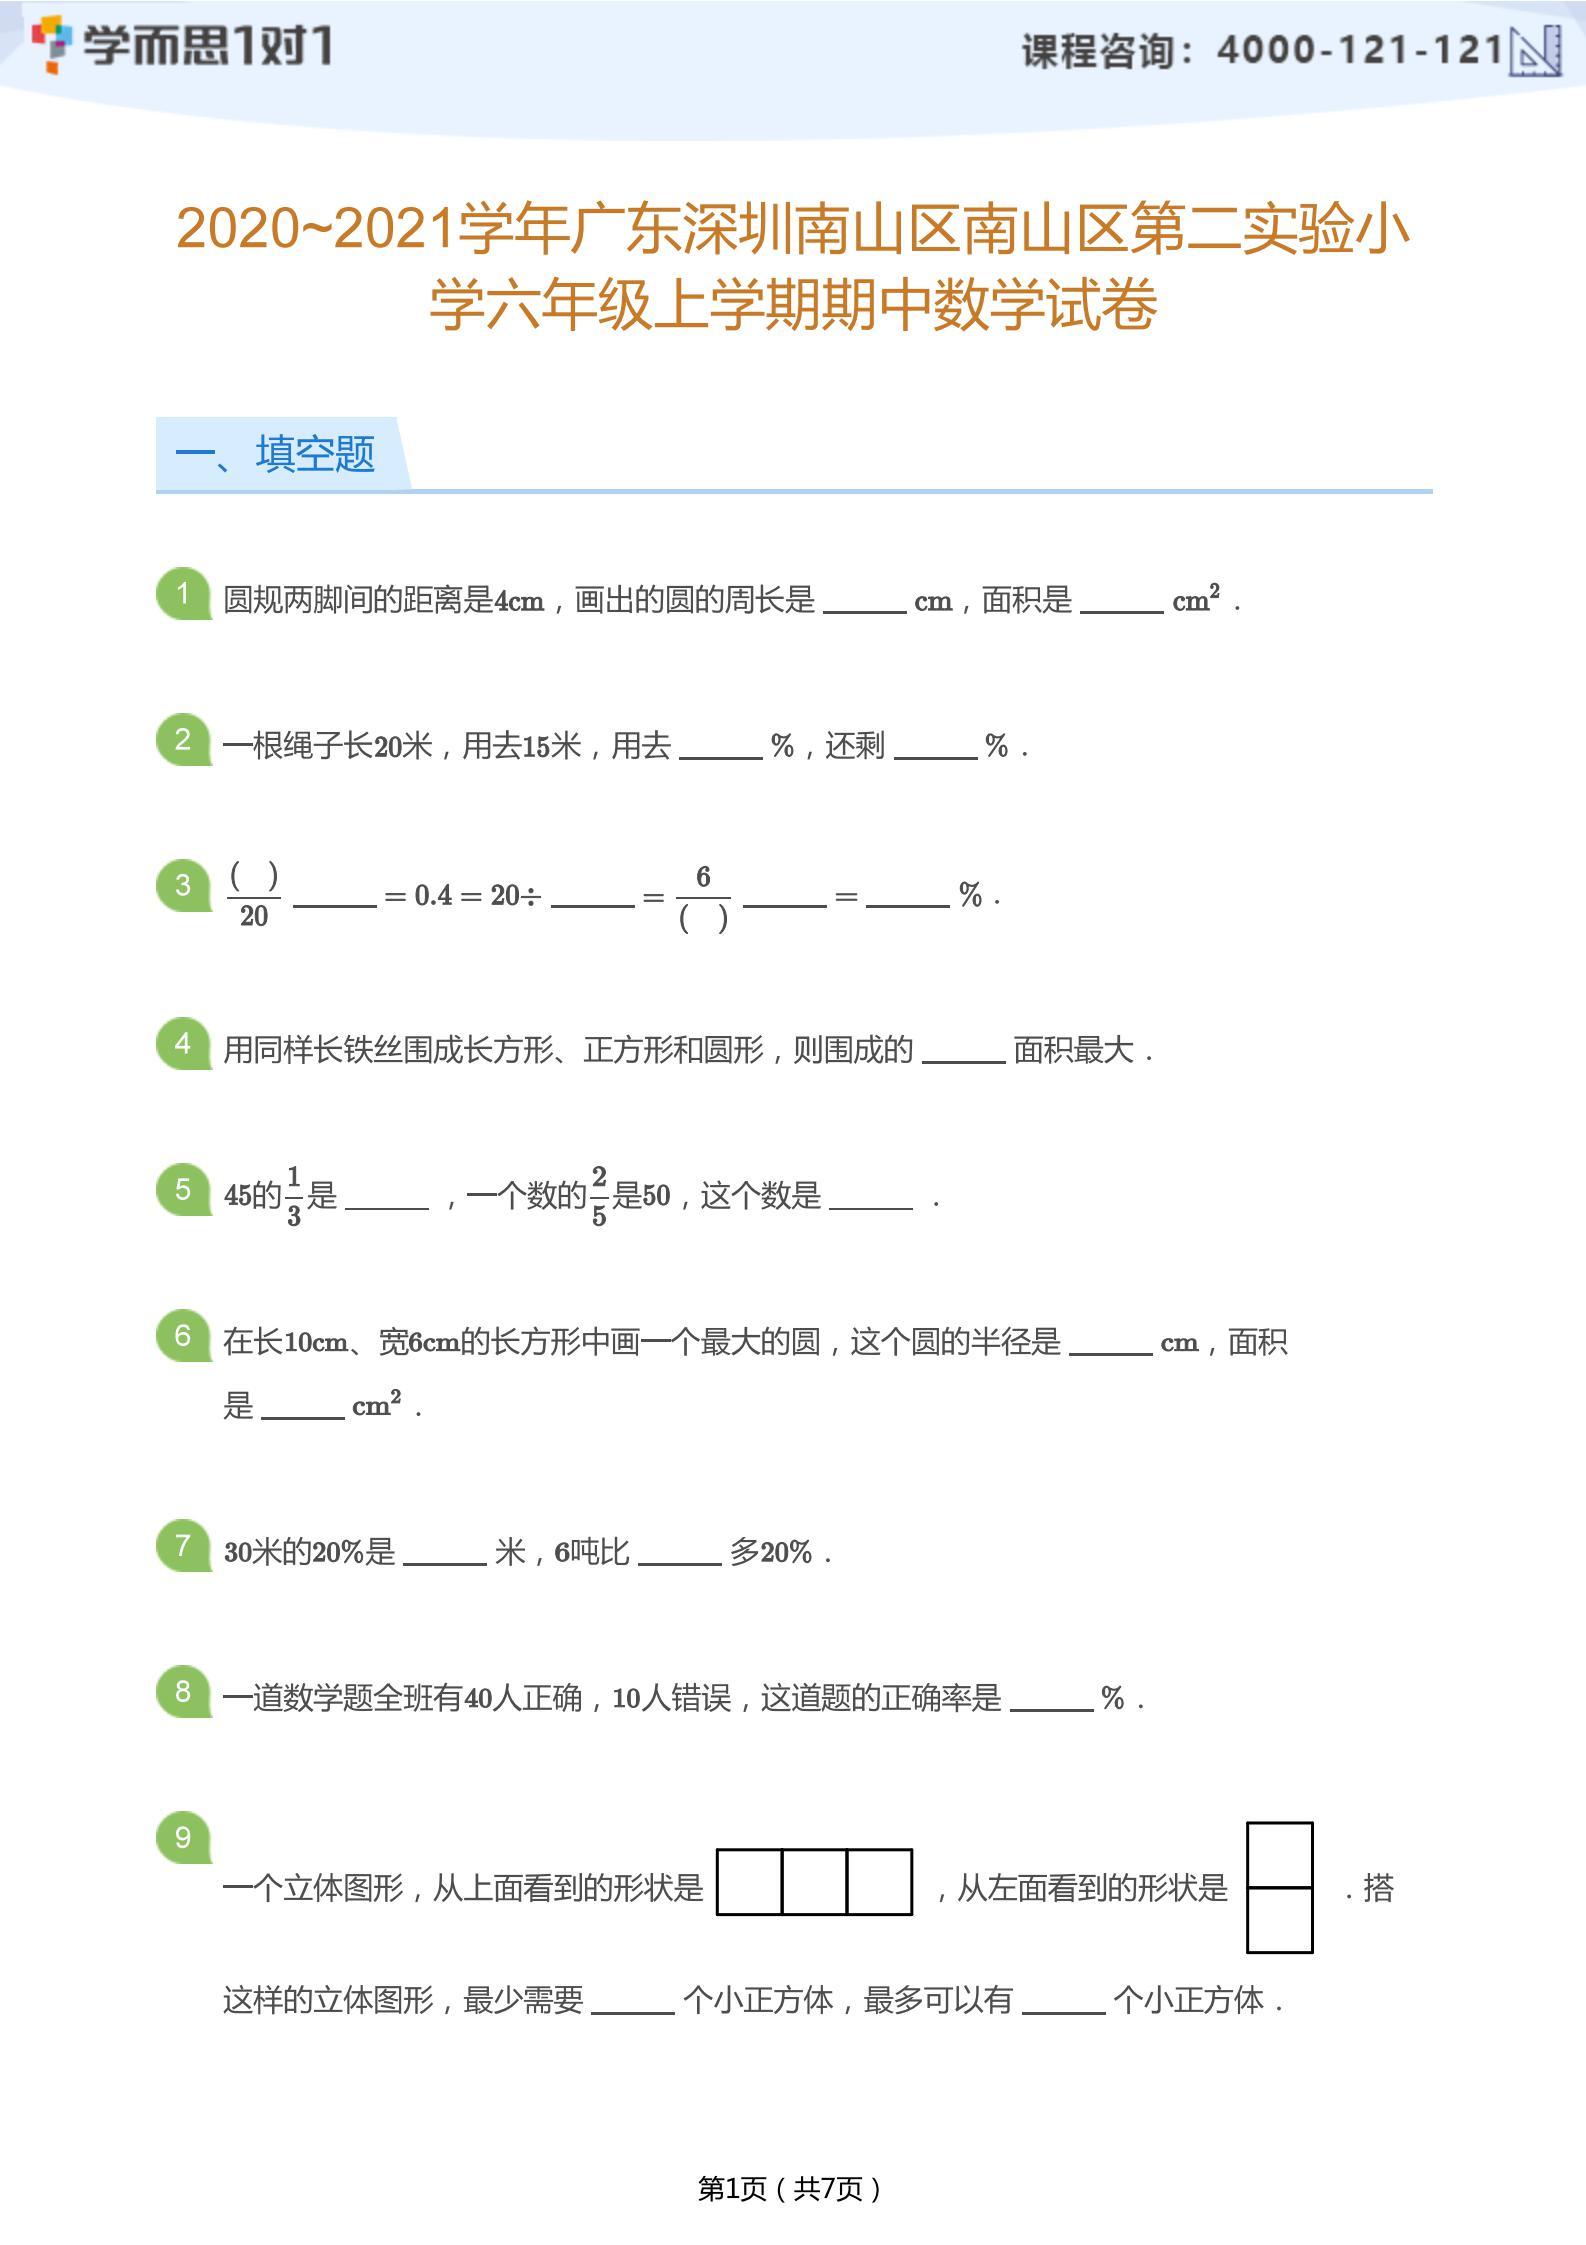 2020-2021学年深圳南山区第二实验小学六年级上学期期中数学试题及答案